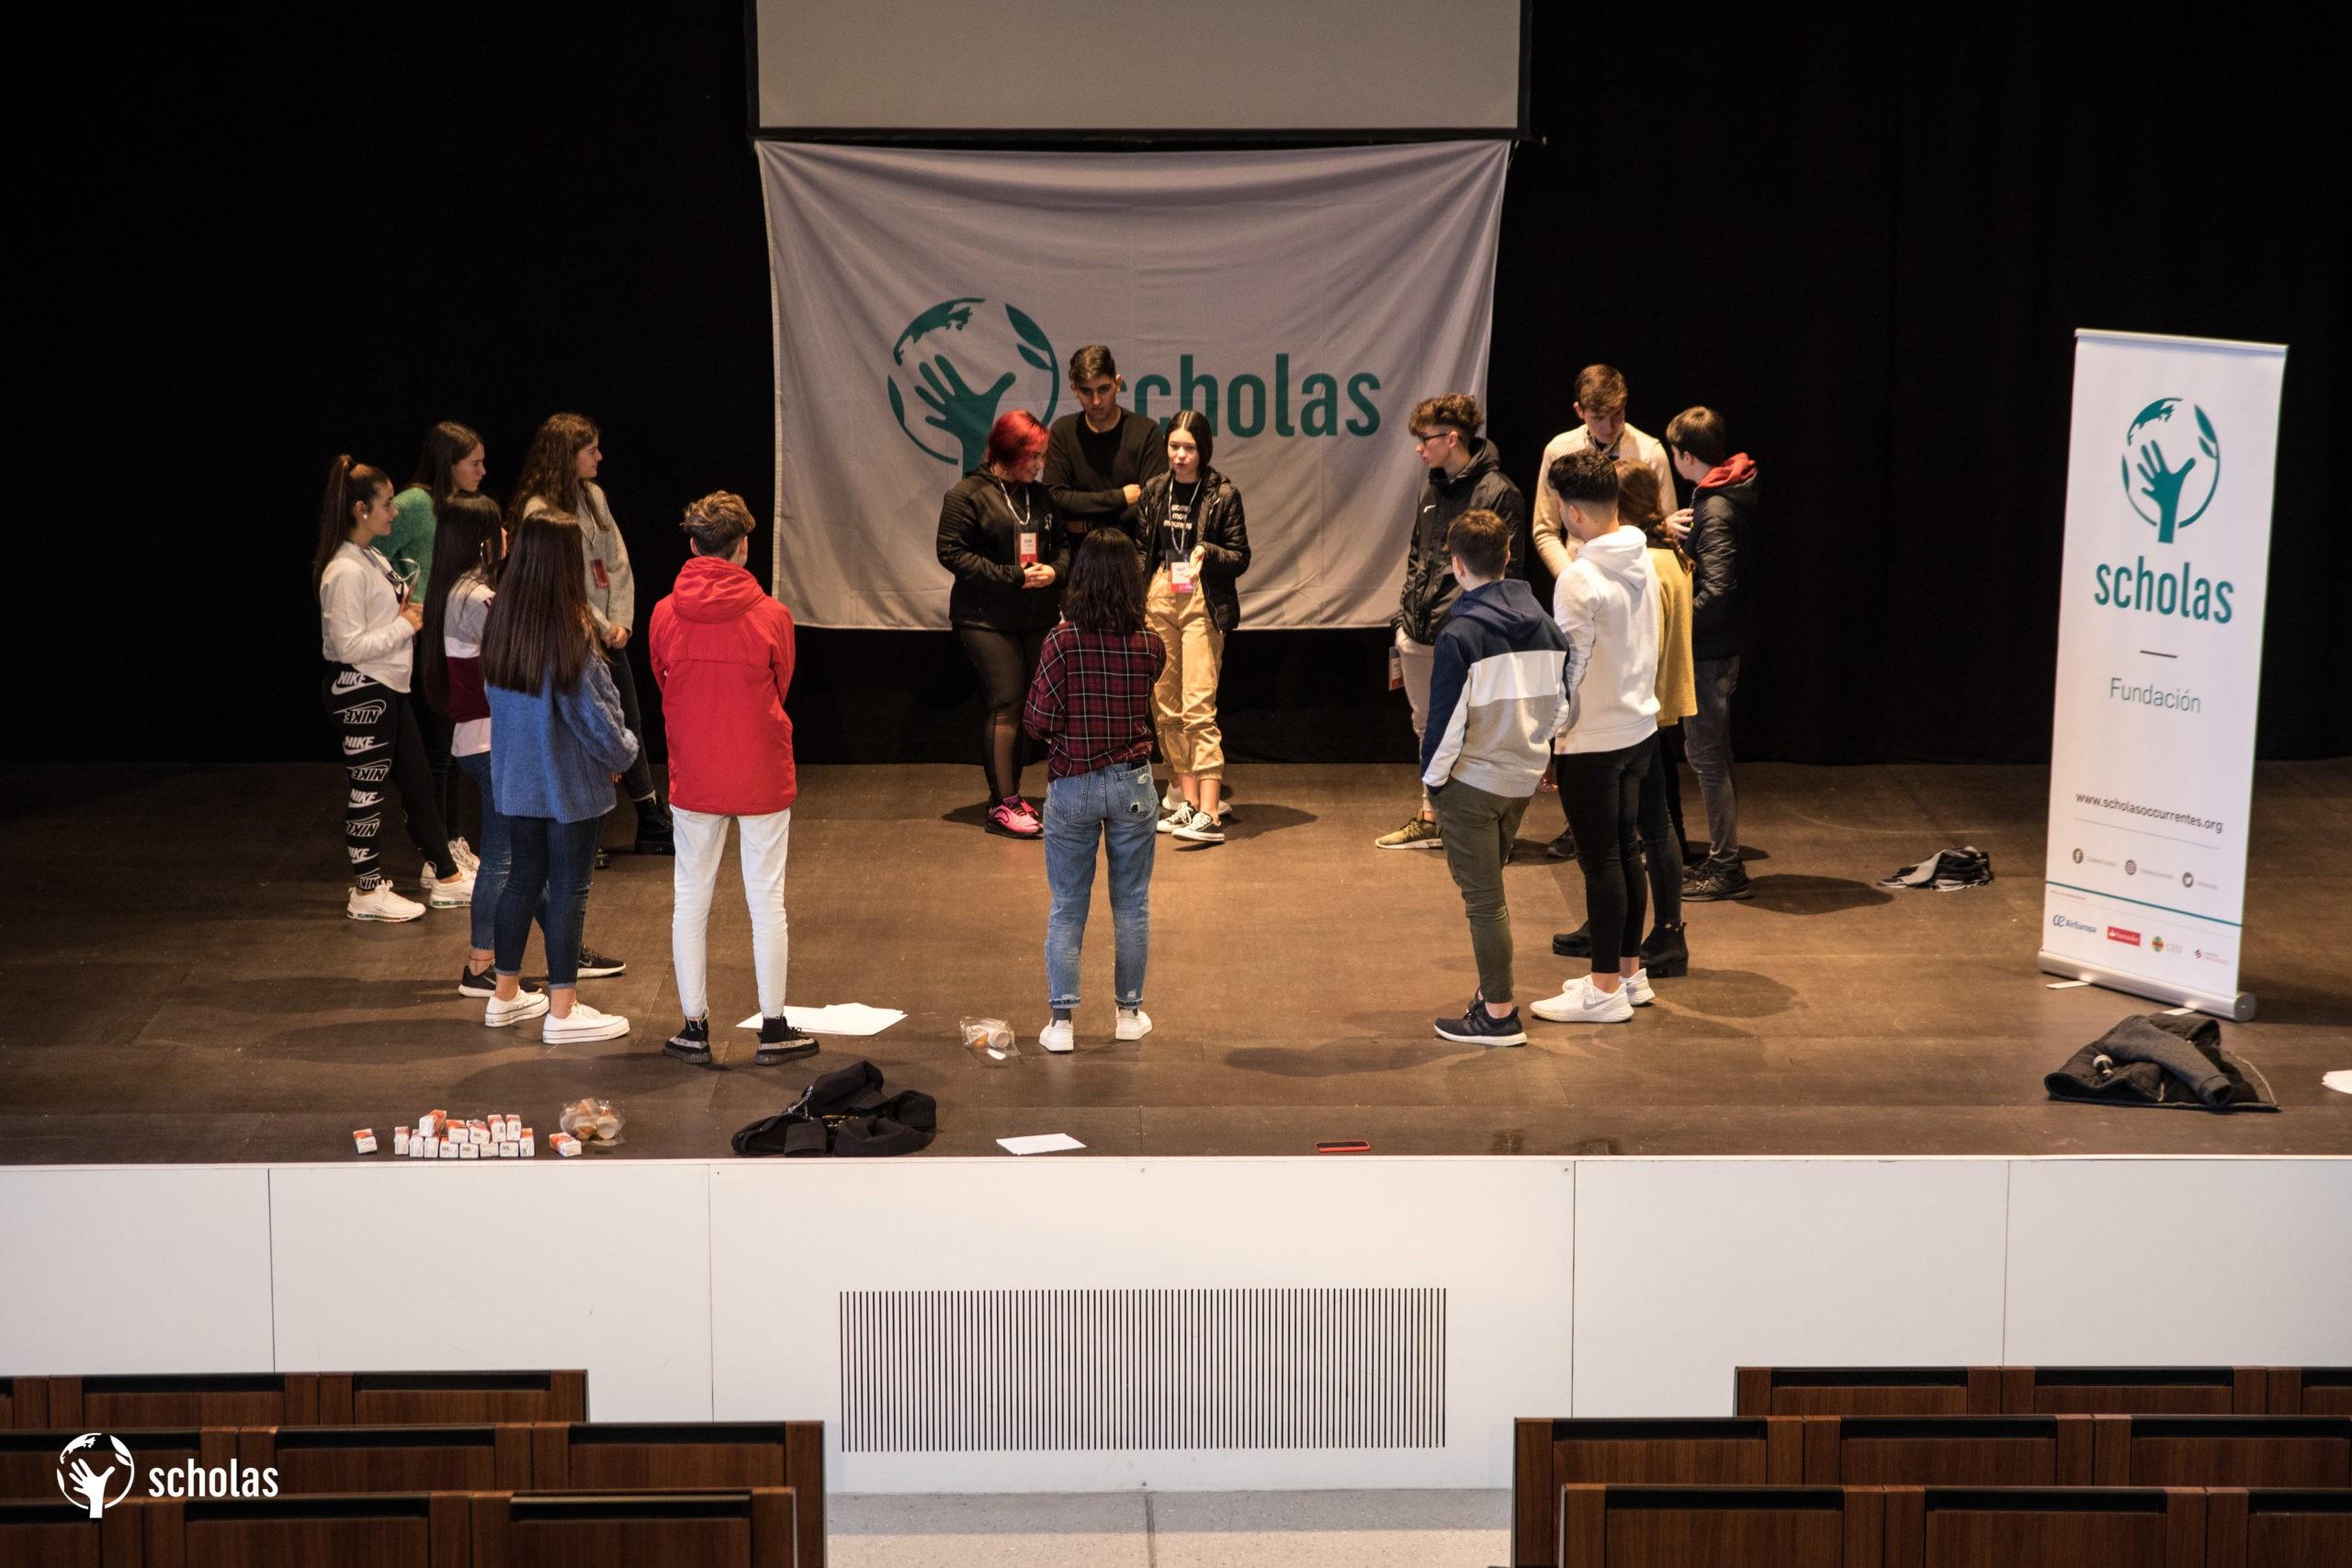 Granada-Scholas-Encuentro-jovenes